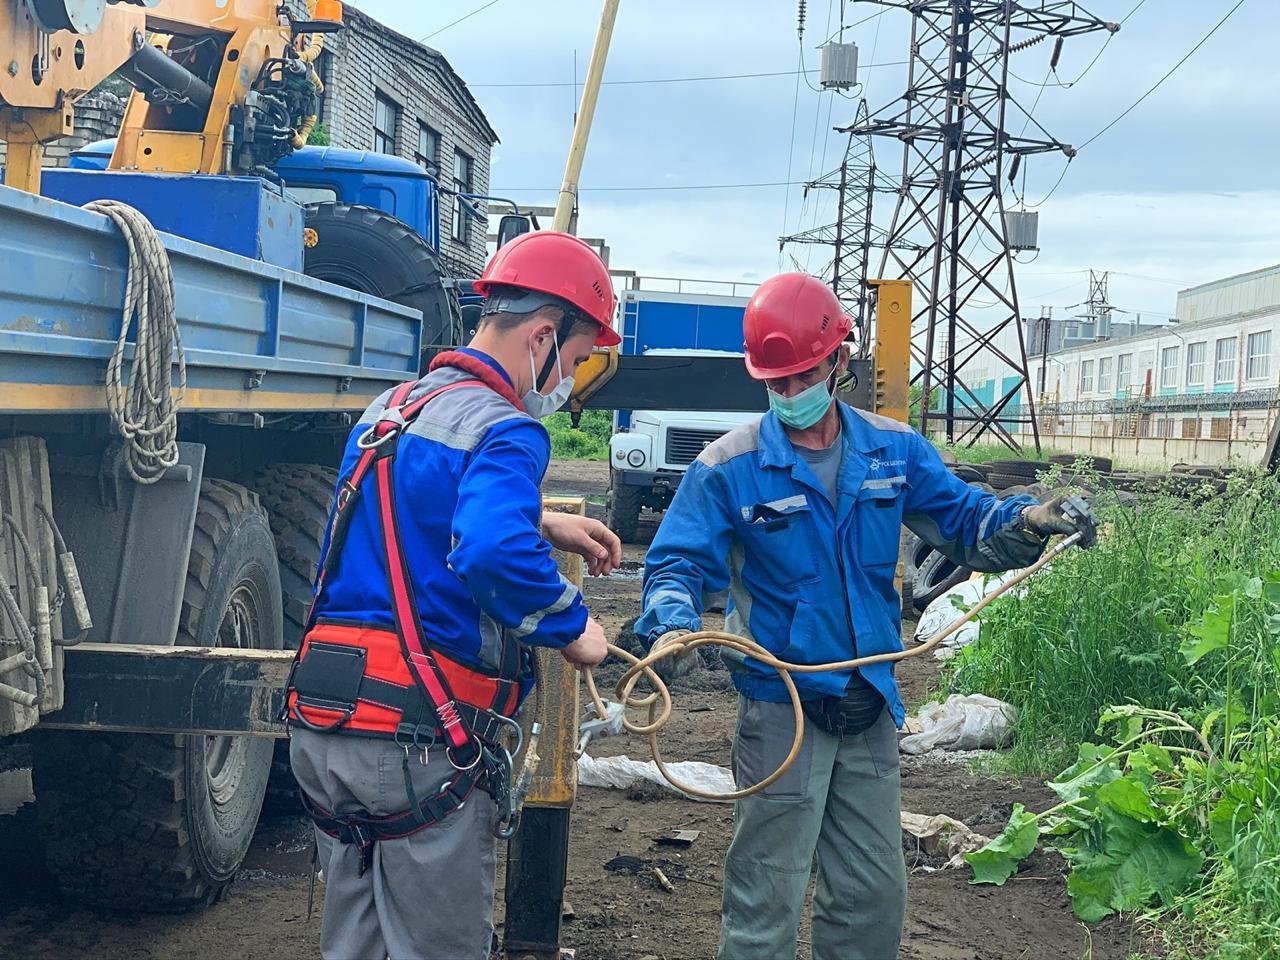 Ярославские энергетики «Россети Центр» устранили повреждение воздушной линии 110кВ